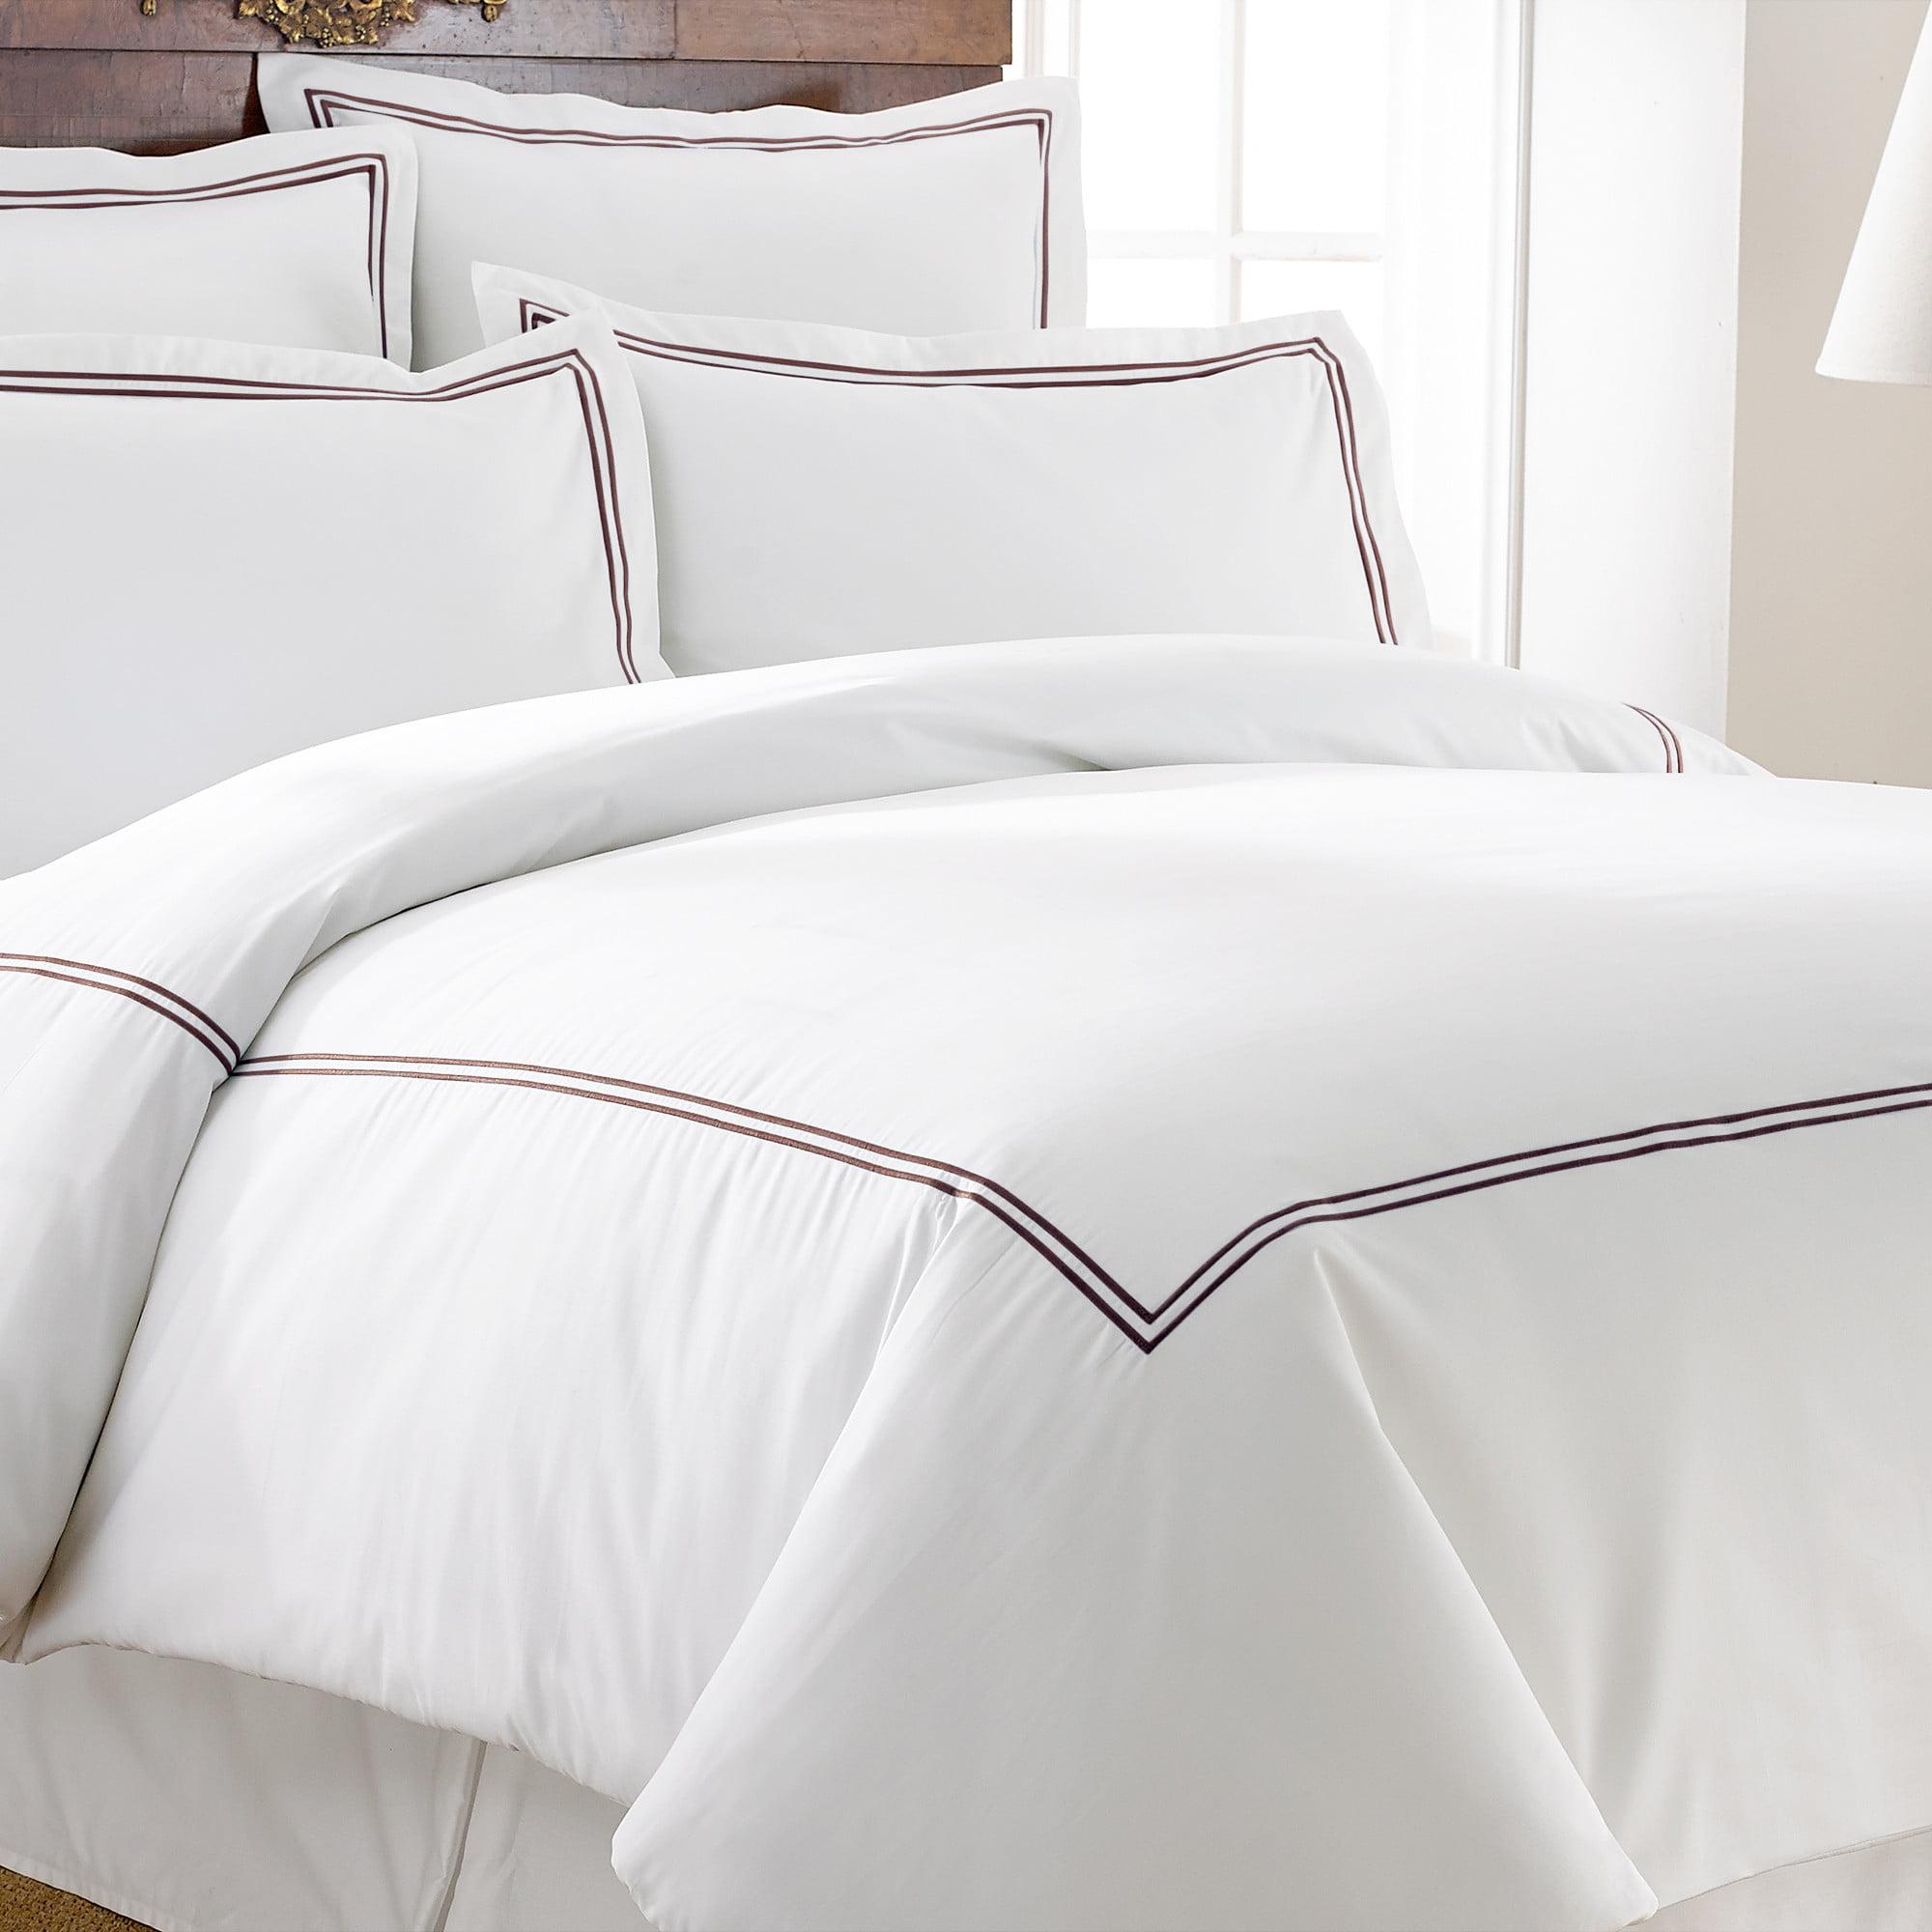 600TC Cotton Rich 3pc Duvet Set With Double Marrowing - Chocolate